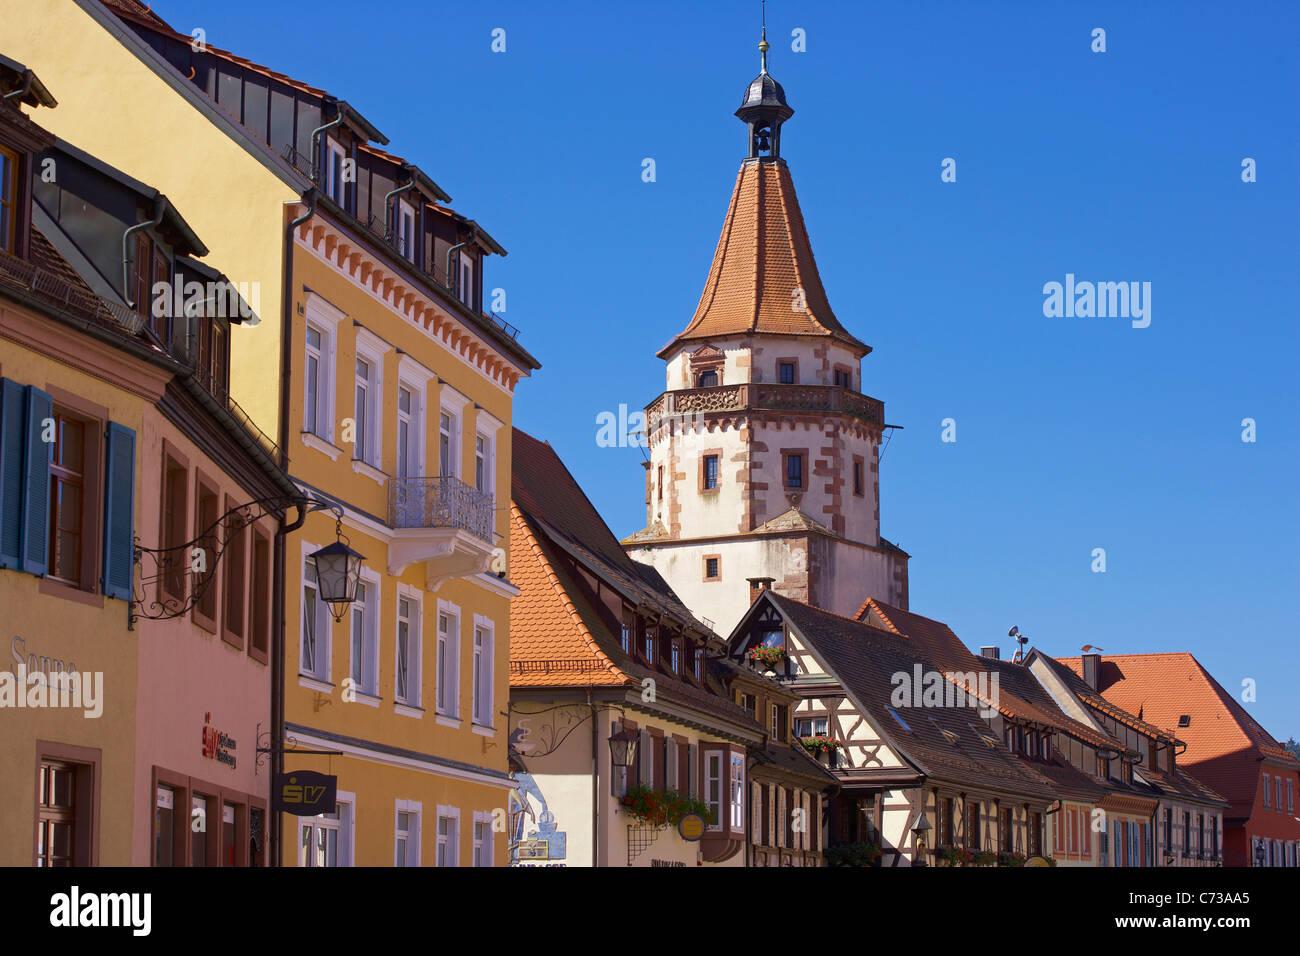 Turm Niggelturm bei der Stadt Gengenbach Gengenbach